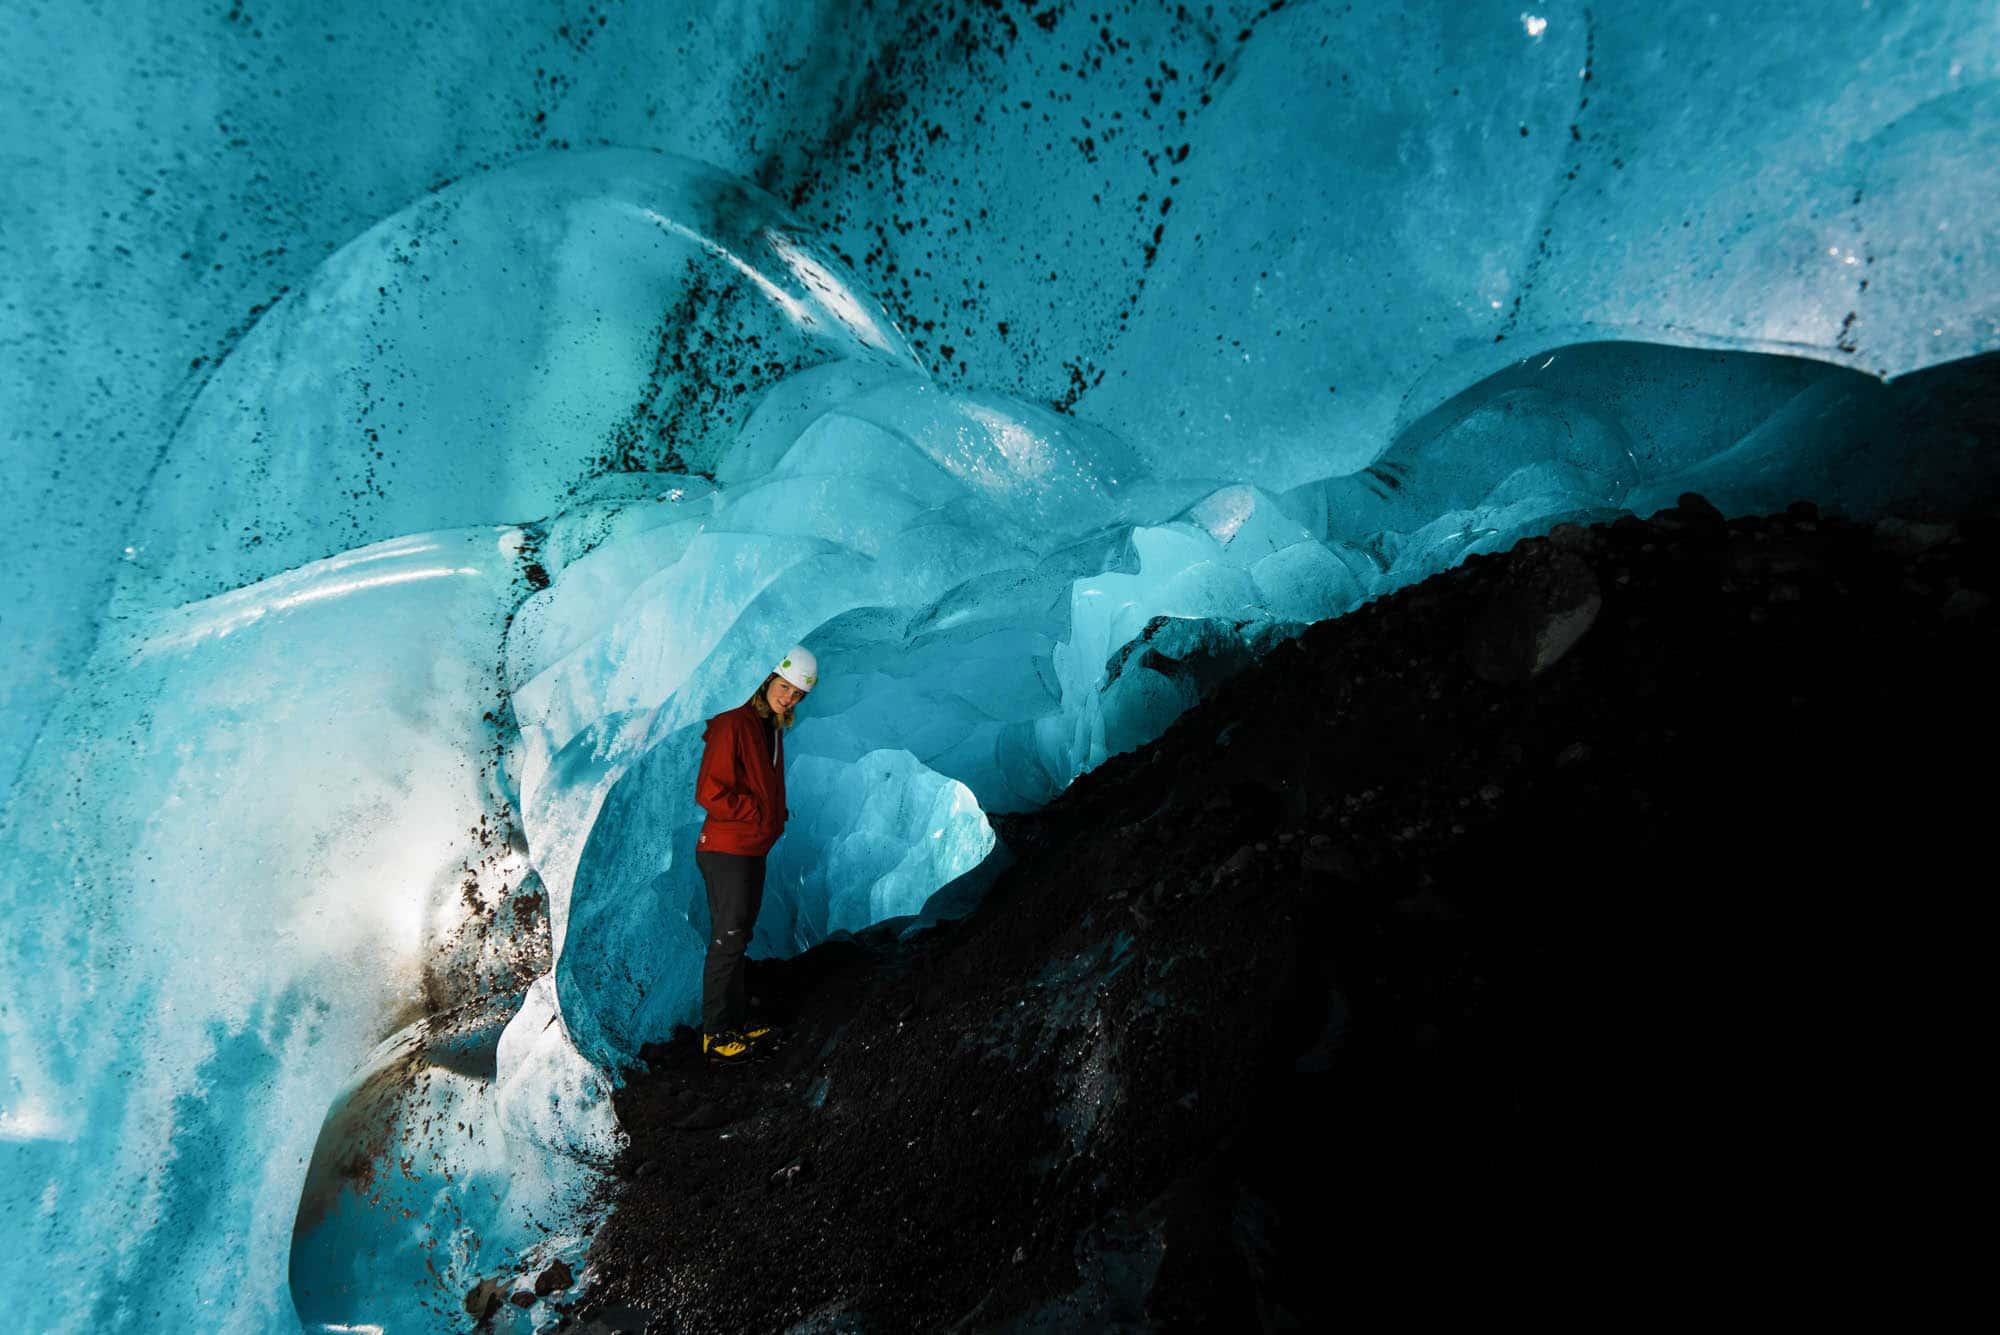 vatnajökull ice cave tour